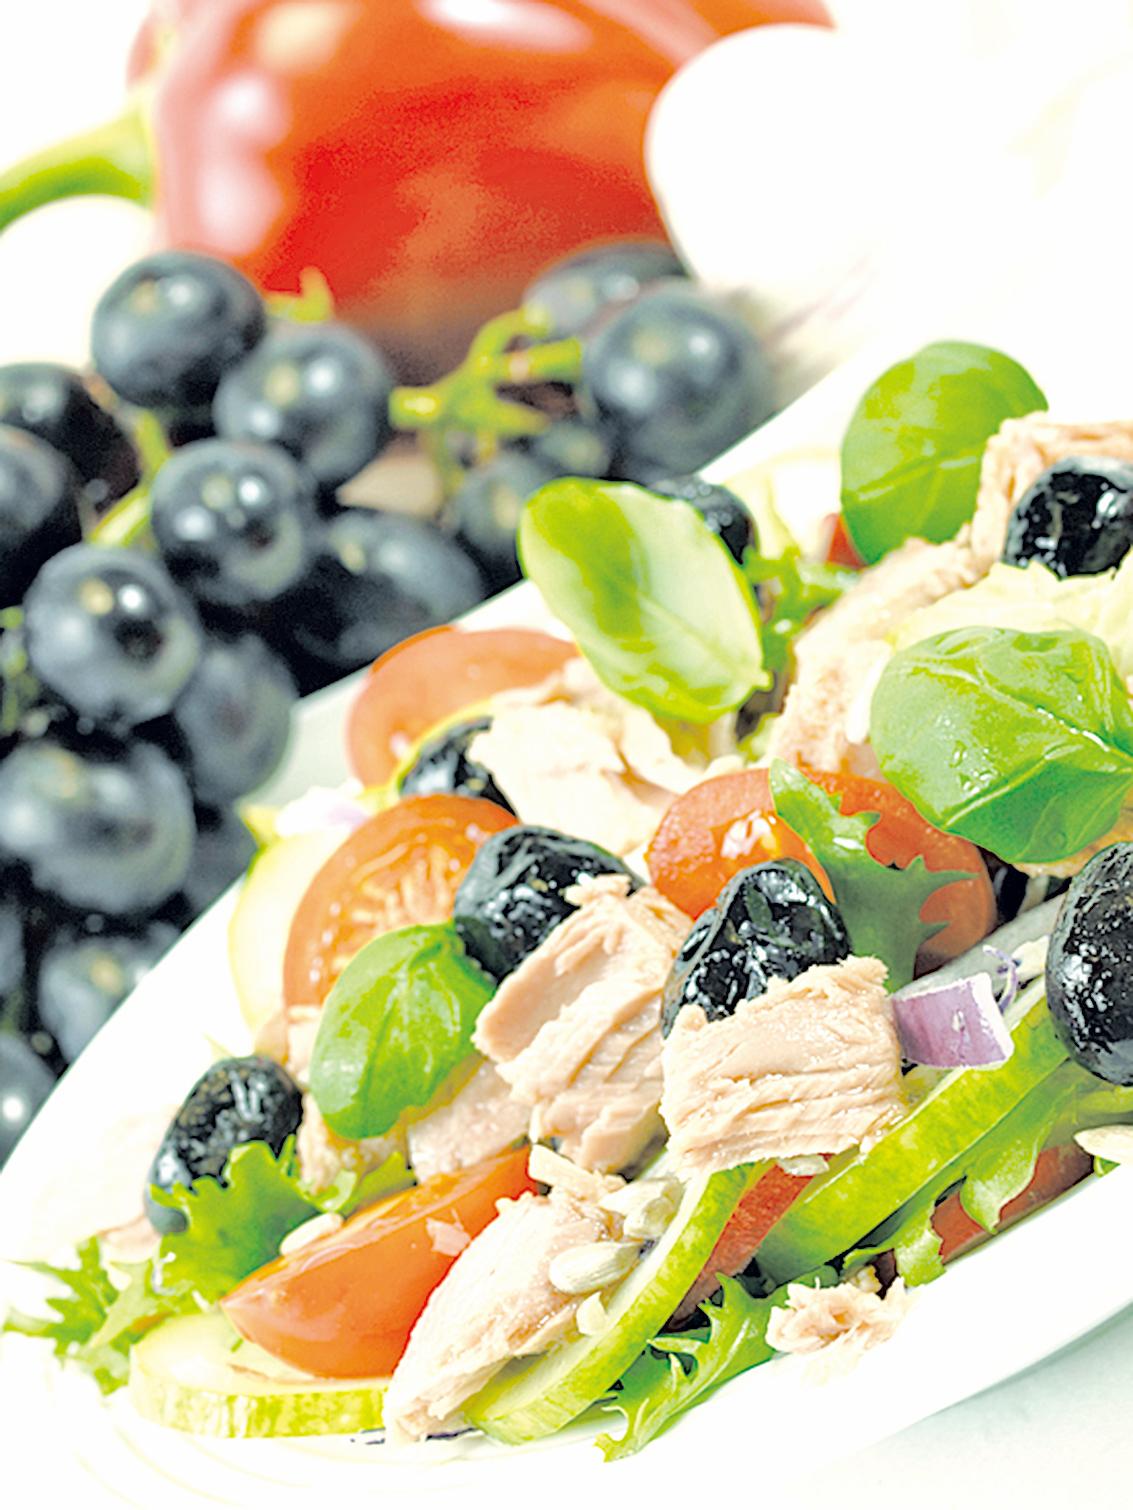 清爽健康的吞拿魚葡萄沙律。